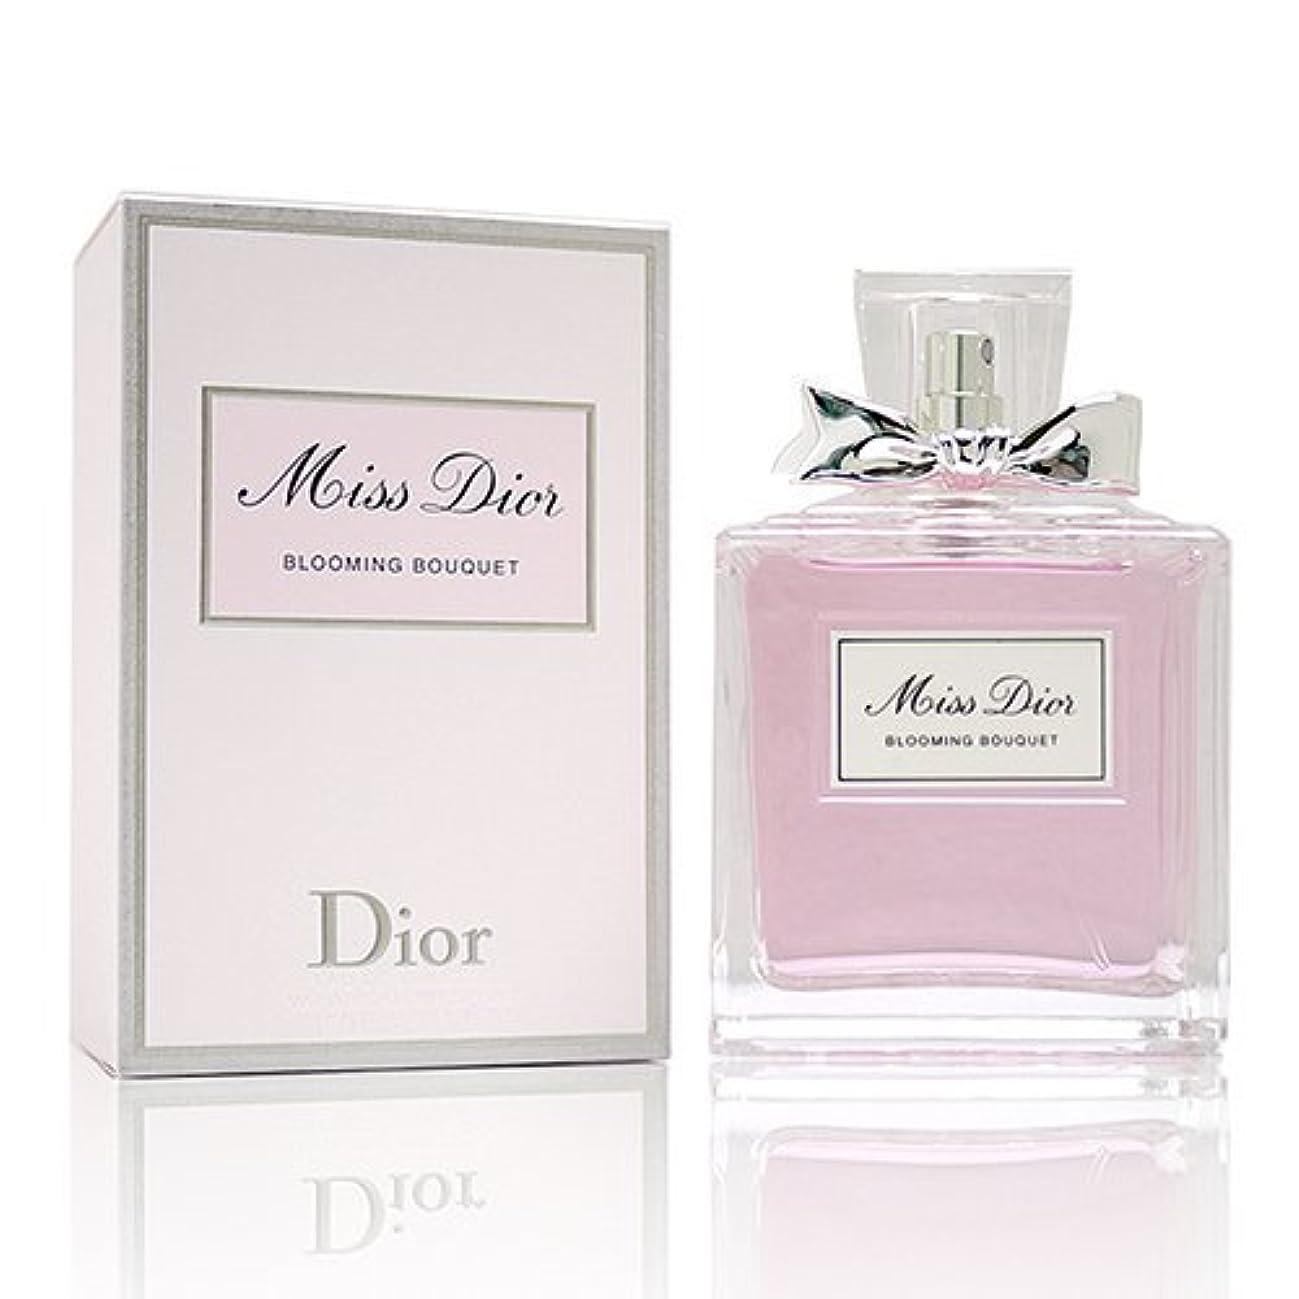 役に立つ前件静脈クリスチャン ディオール(Christian Dior) ミス ディオール ブルーミングブーケ EDT SP 150ml[並行輸入品]